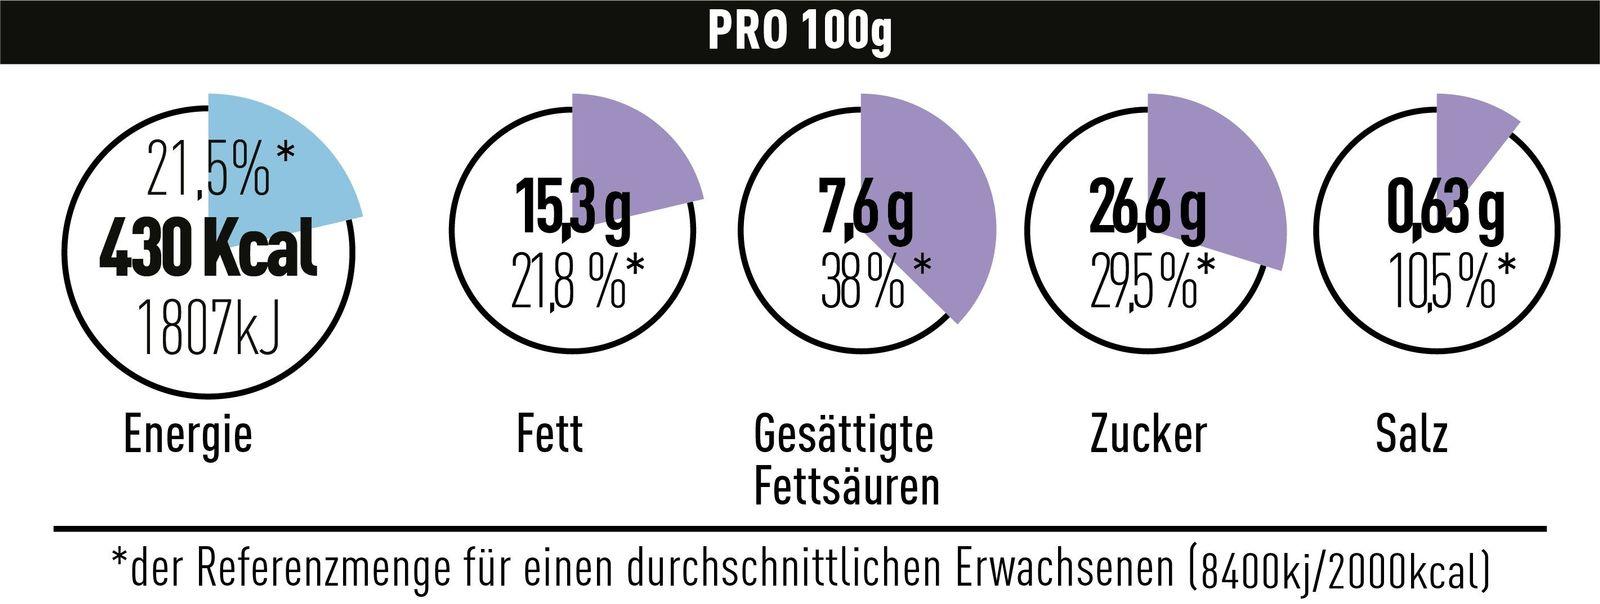 urn:newsml:newsaktuell.de:20190411:36425651